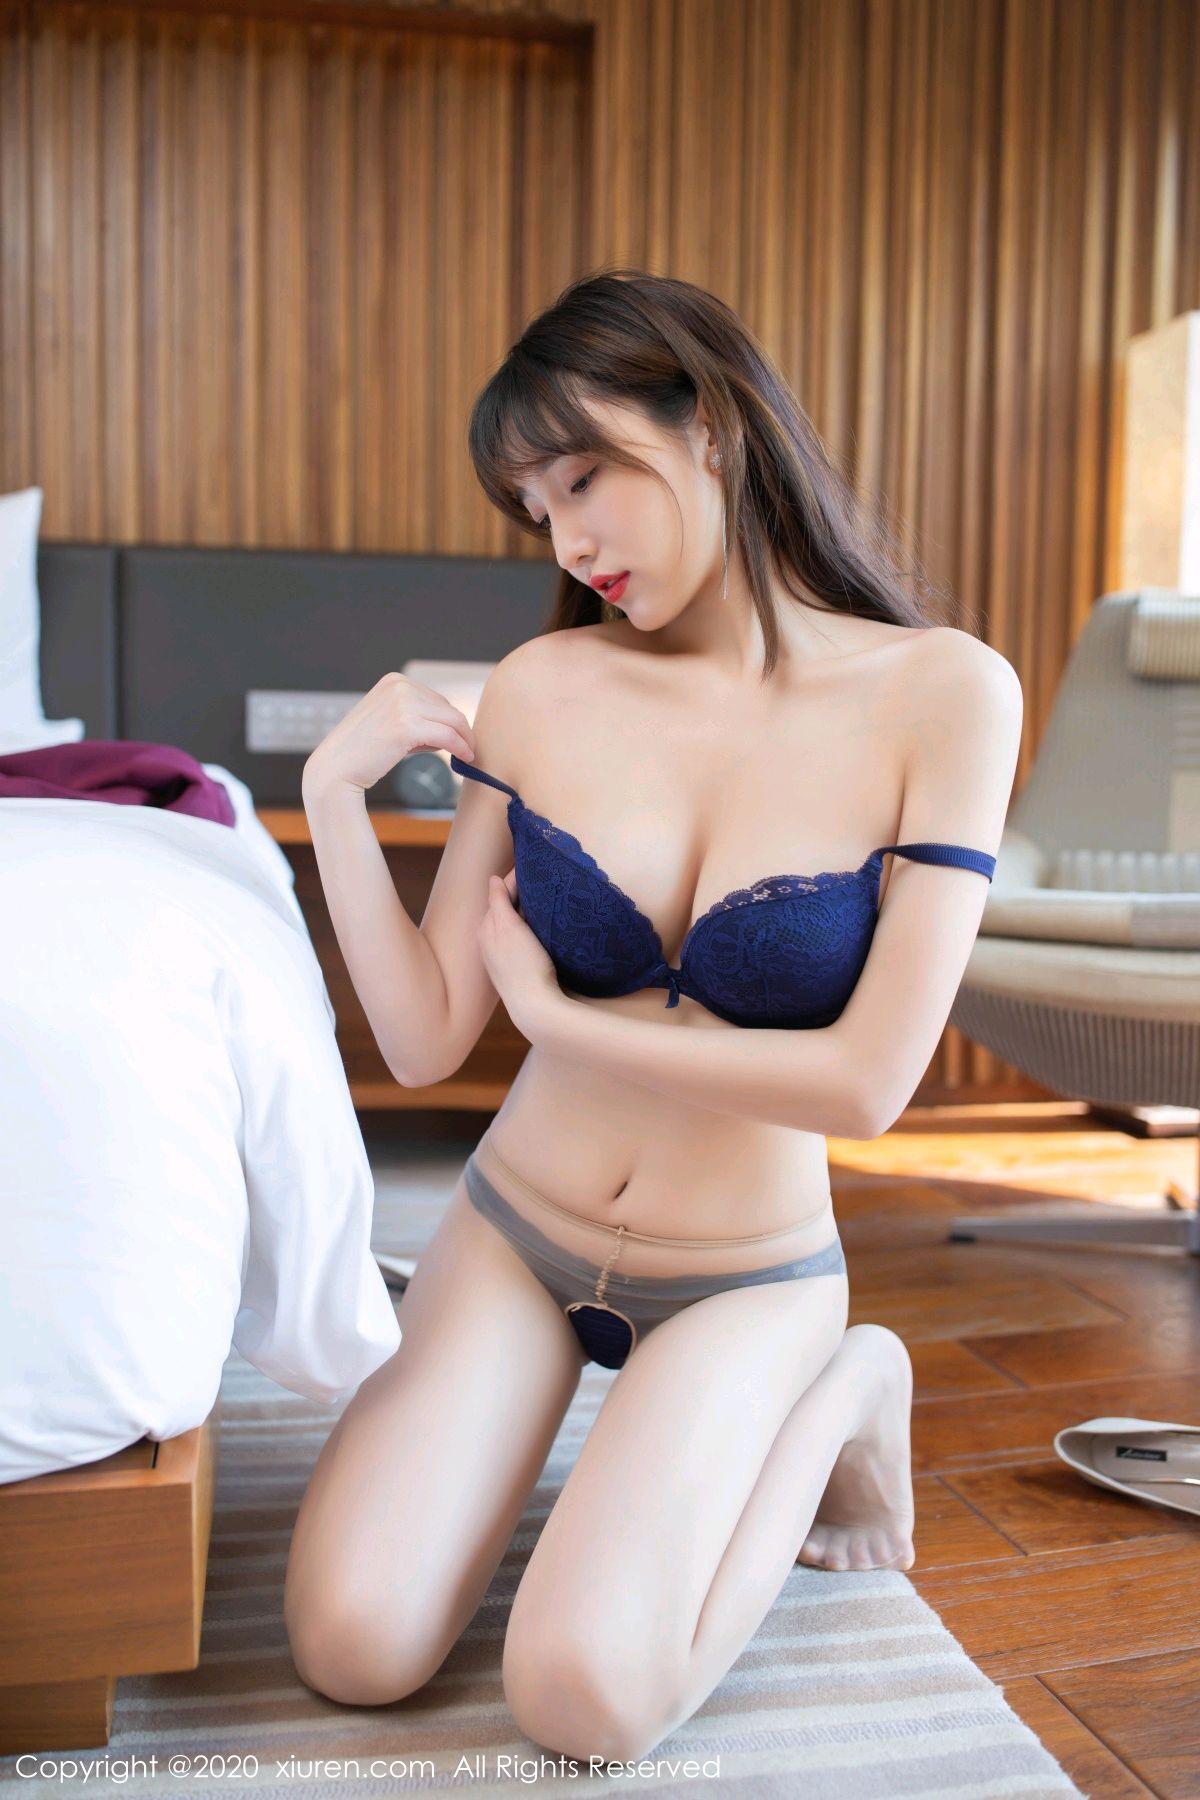 [XiuRen] Vol.2705 Lu Xuan Xuan 50P, Lu Xuan Xuan, Stewardess, Tall, Uniform, Xiuren